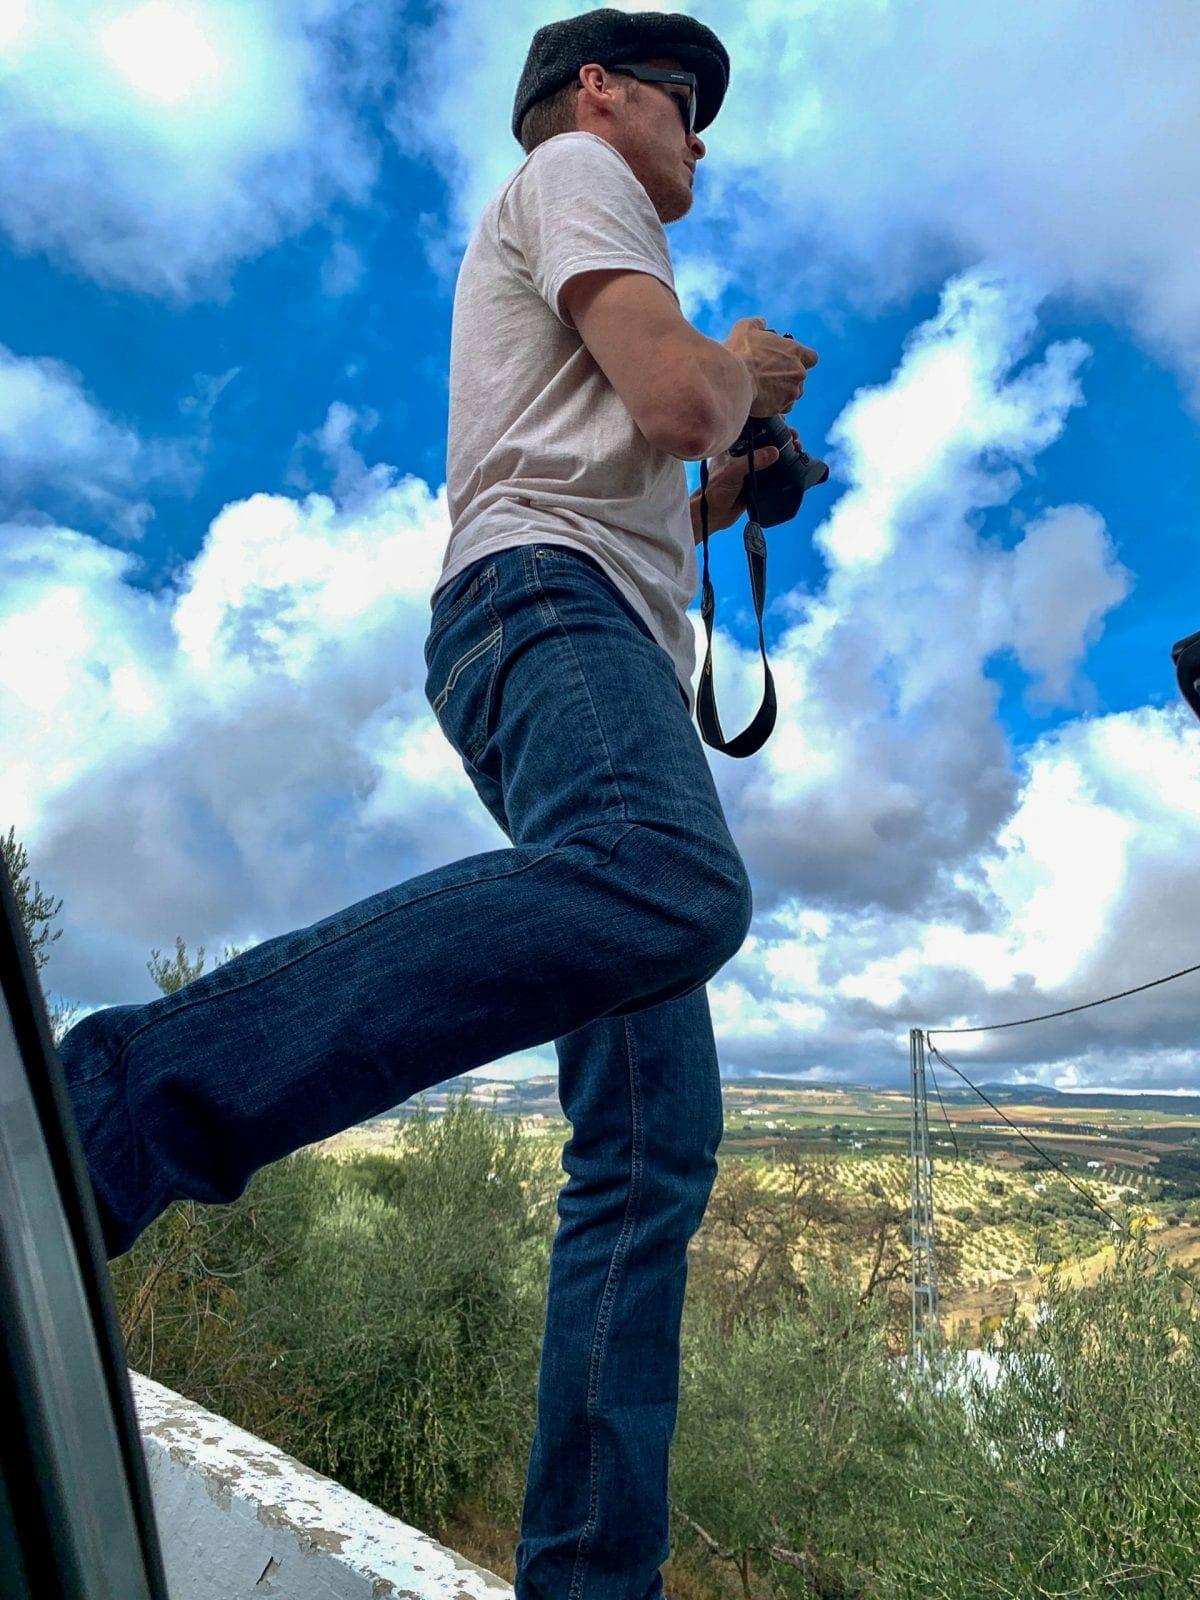 Ryan in Spain